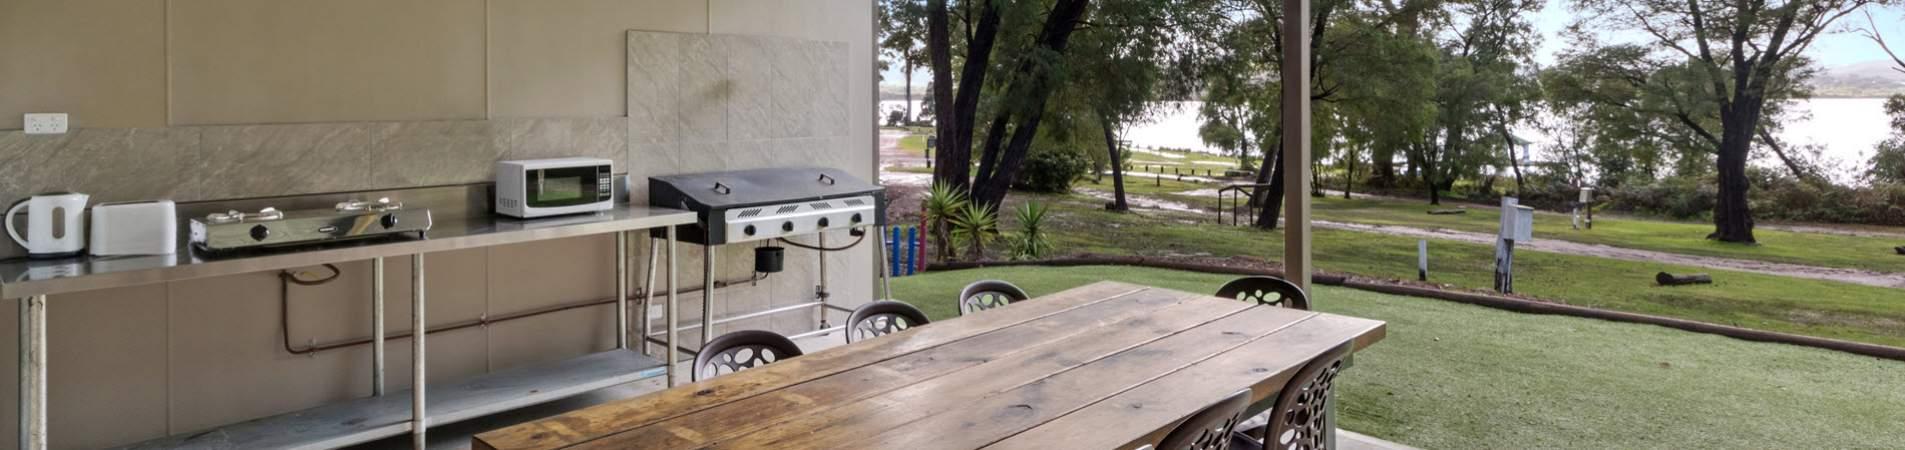 walpole rest point caravan park facilities - banner 1